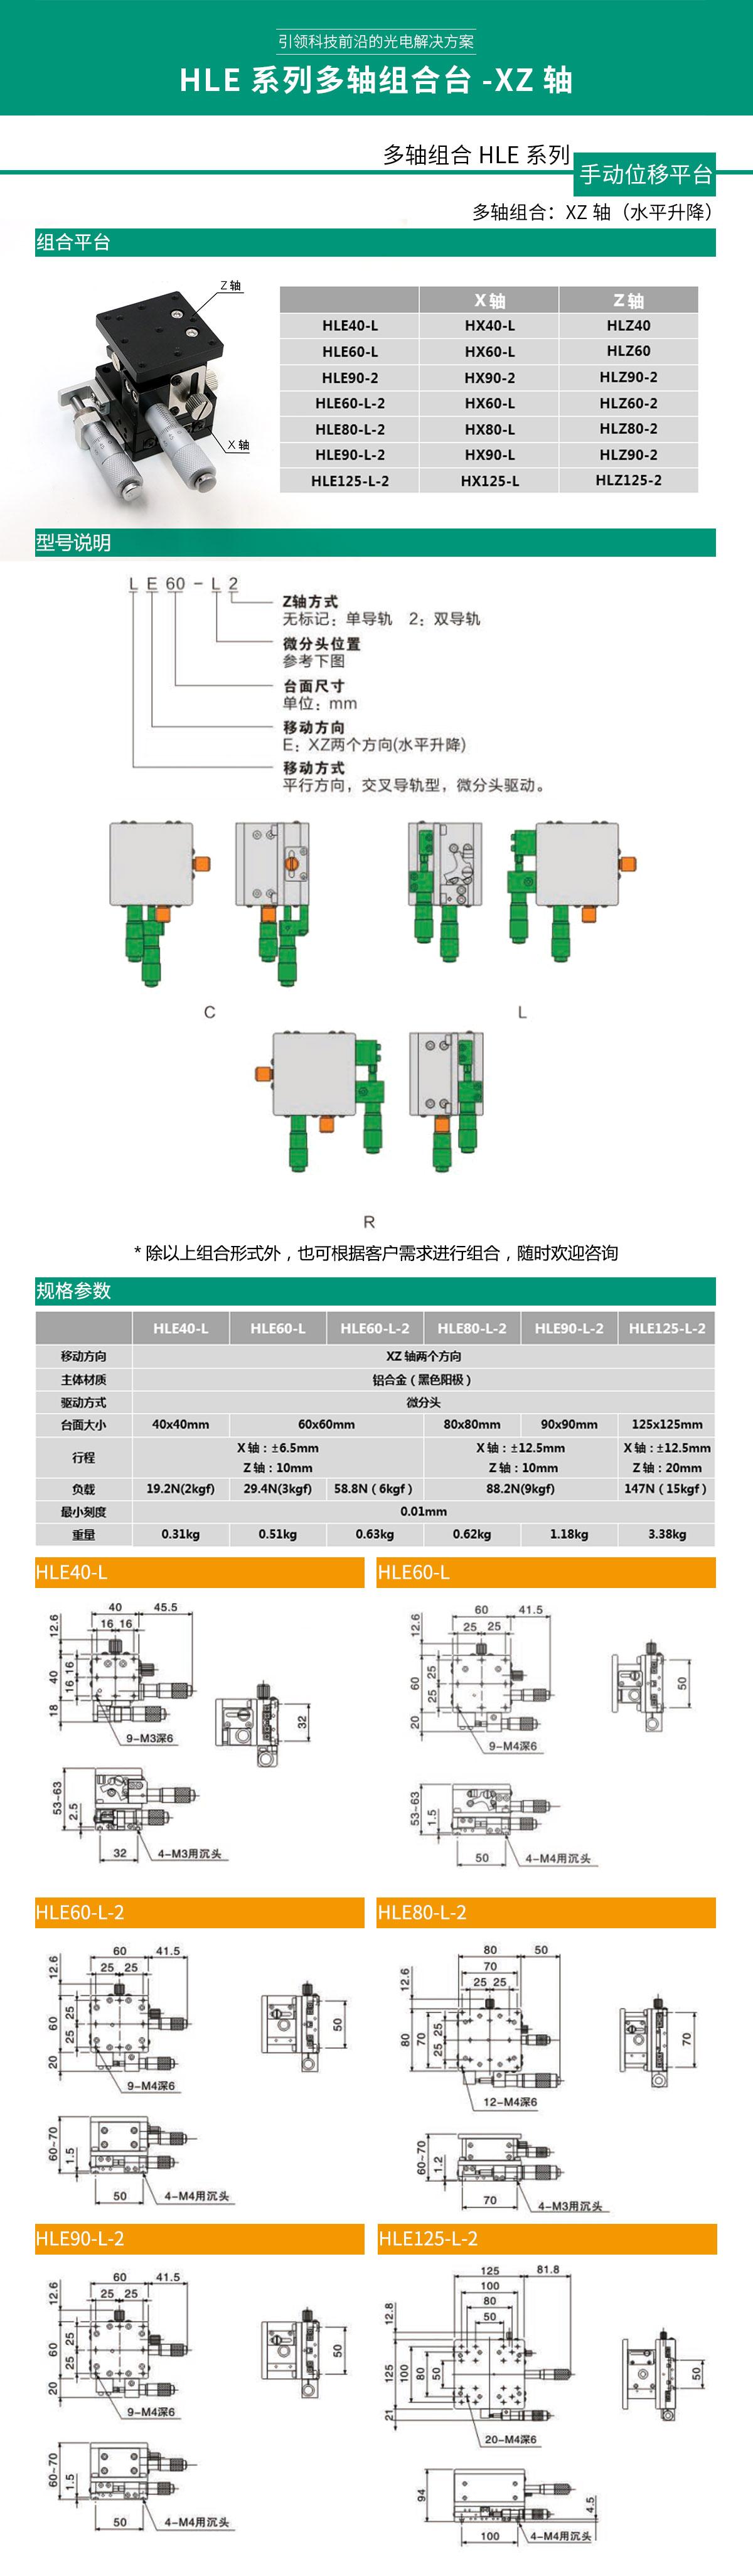 HLE系列多轴组合台-XZ轴